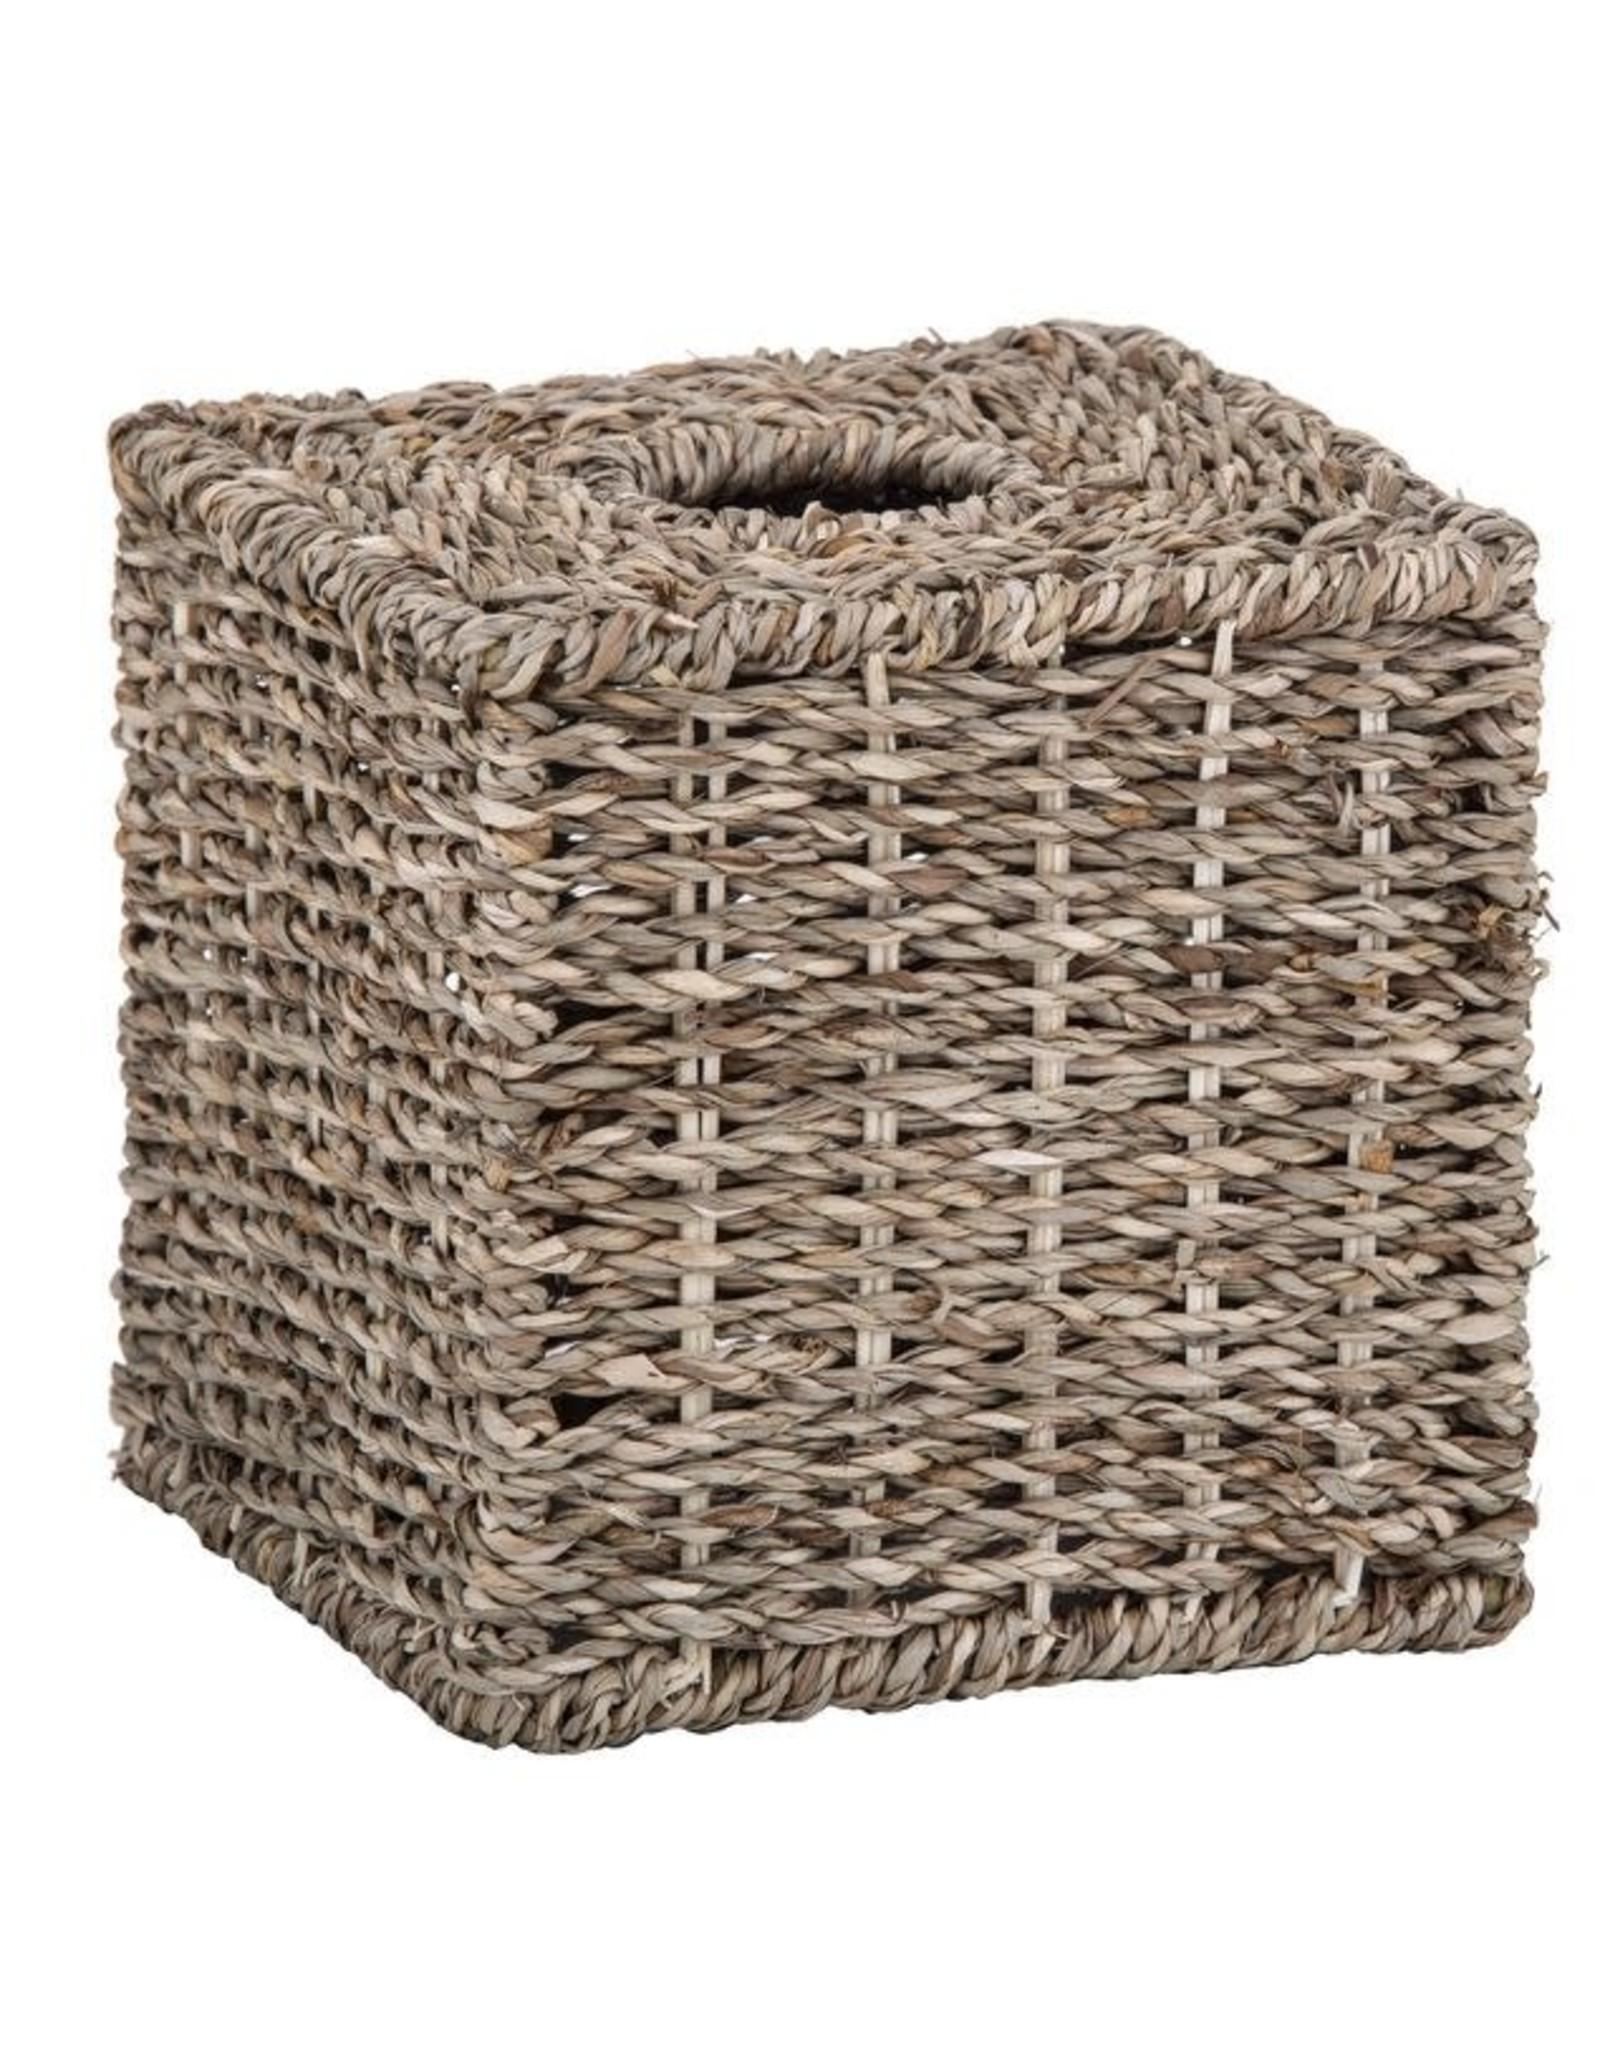 Amalfi Gilli  Seagrass Tissue Box